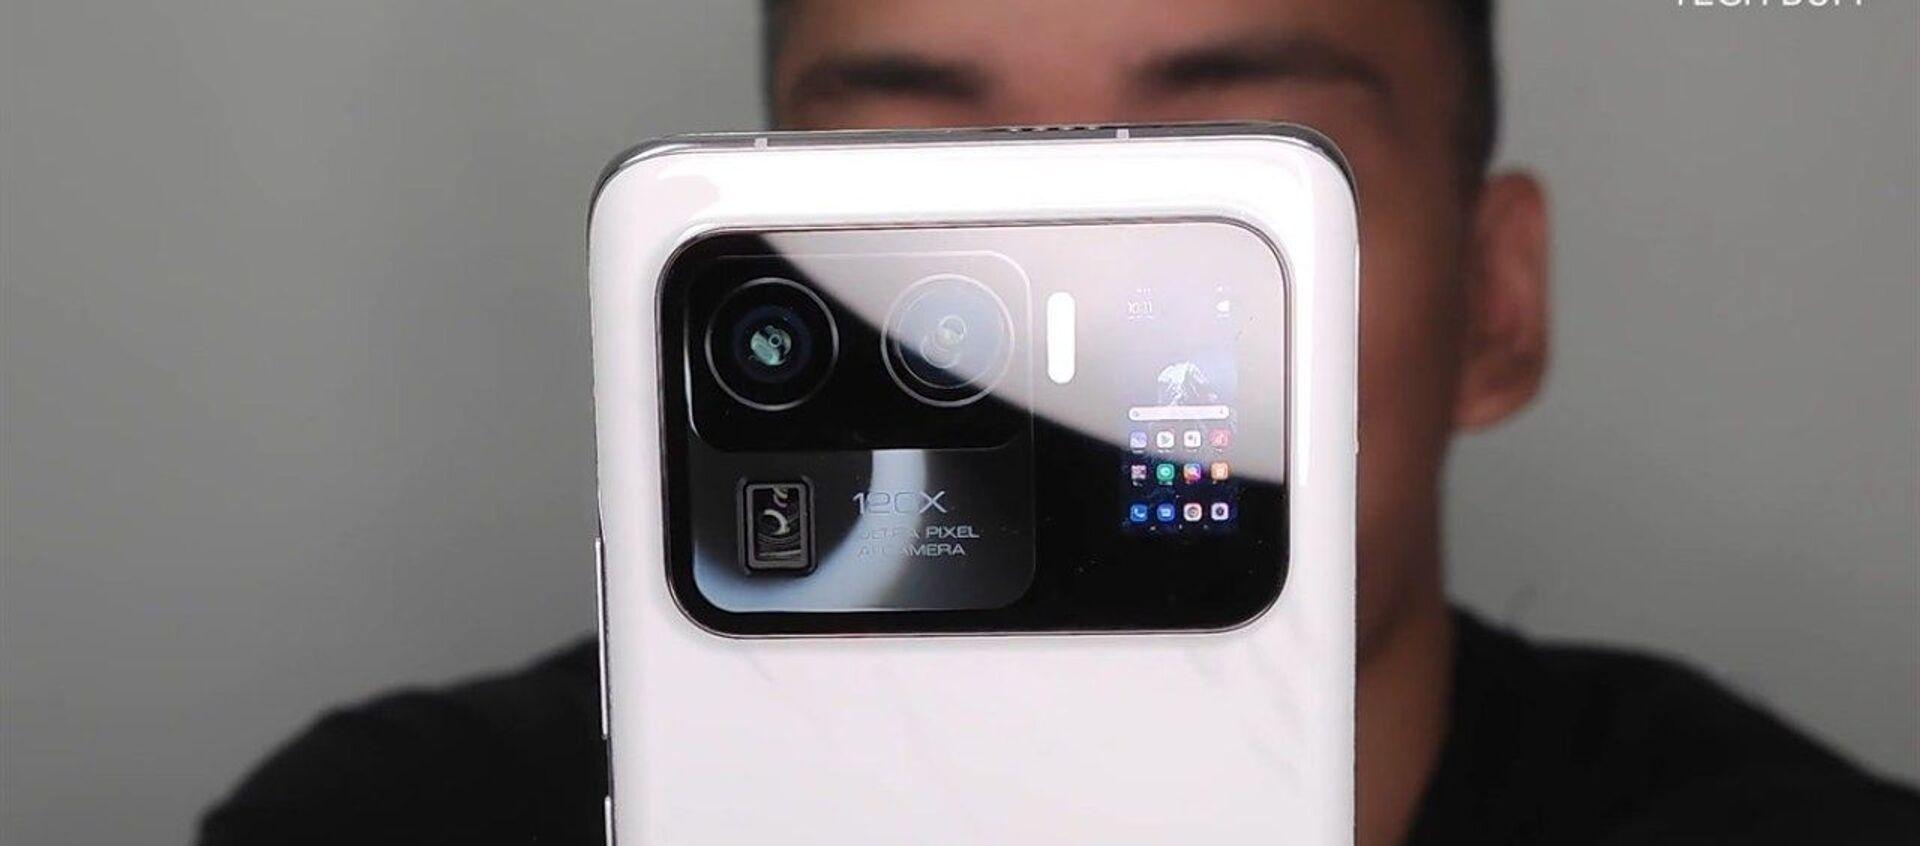 Chưa giới thiệu mẫu điện thoại thông minh hàng đầu Xiaomi Mi 11 Ultra - Sputnik Việt Nam, 1920, 12.02.2021